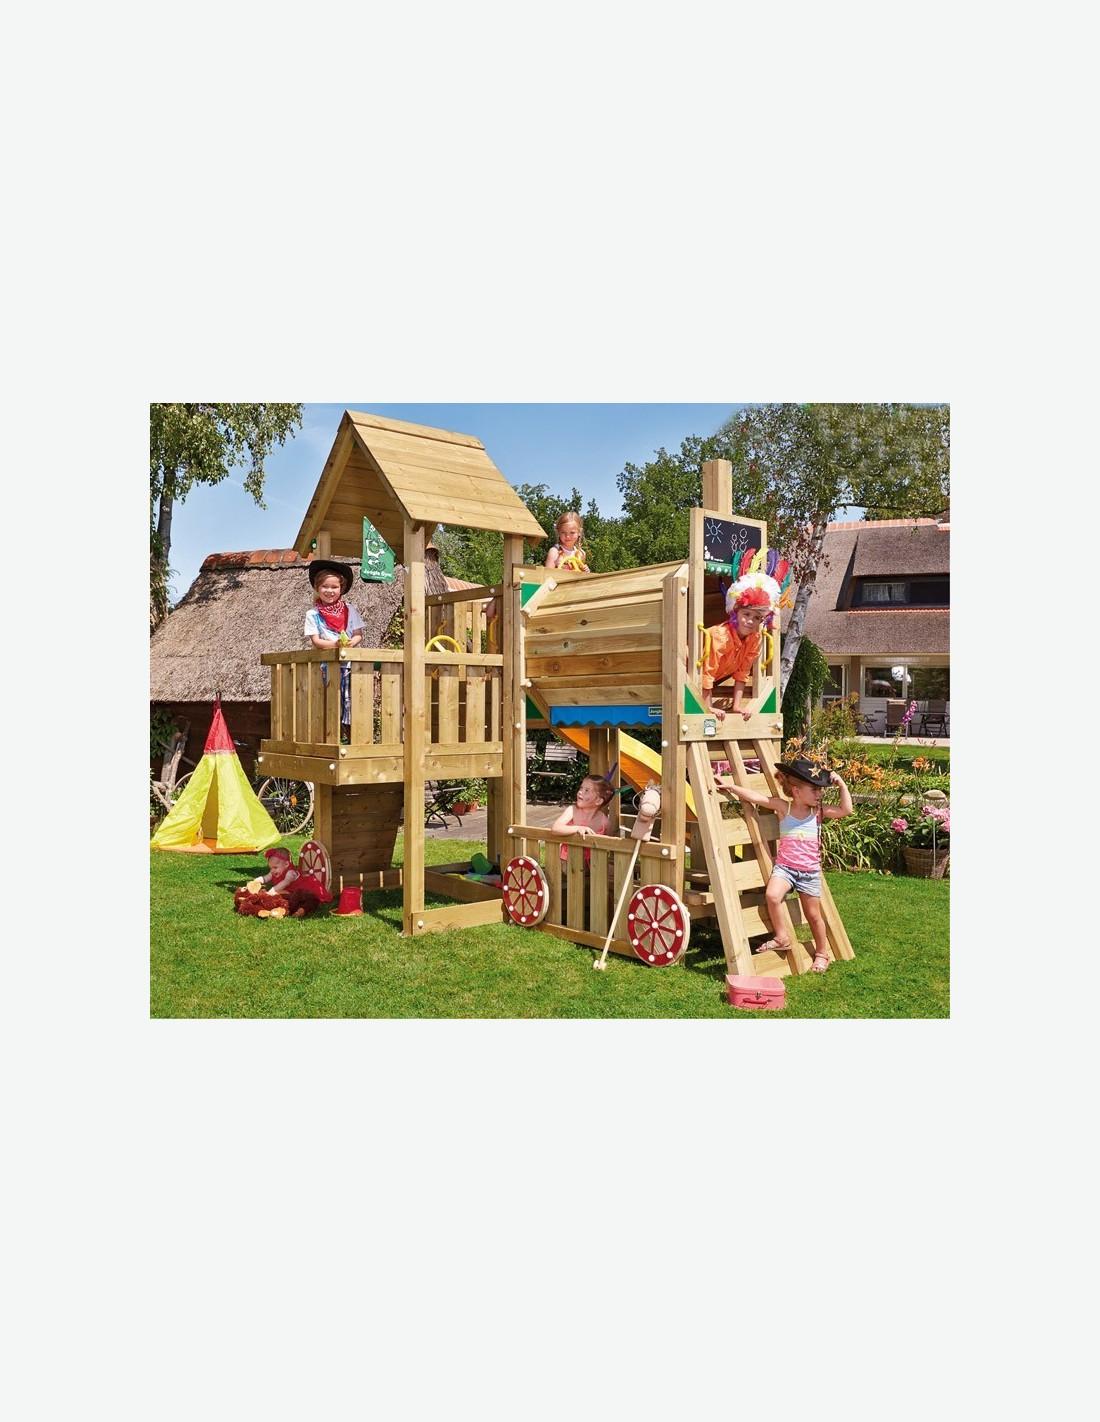 Torre in legno per bambini